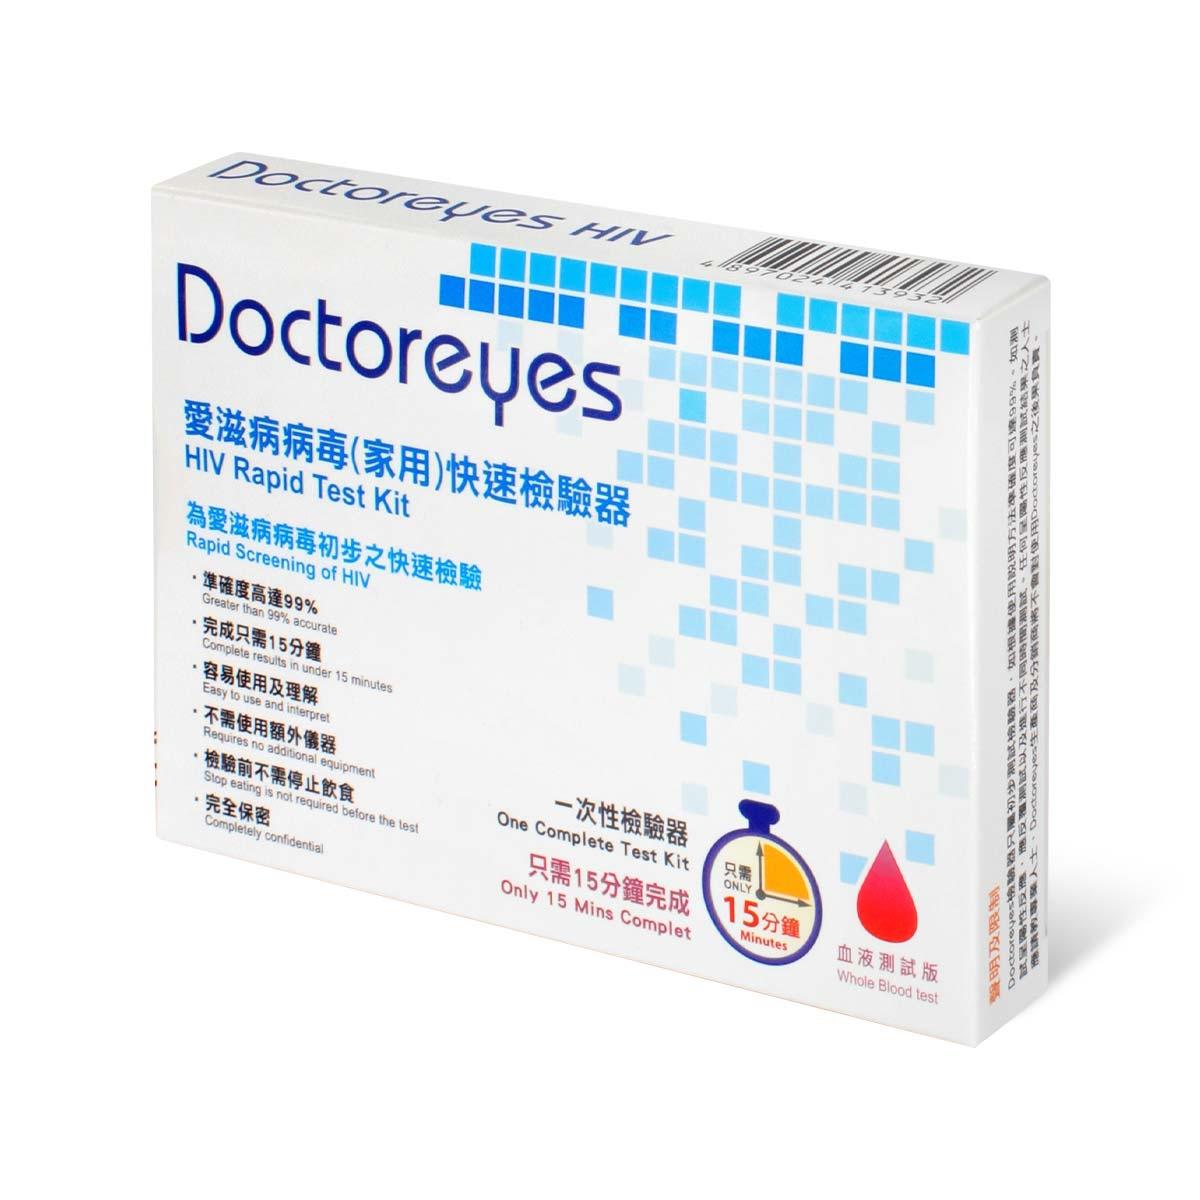 HIV自我檢測香港有乜揀?3大愛滋病自我檢測套裝推介(附價錢及用法) | ESDlife健康網購